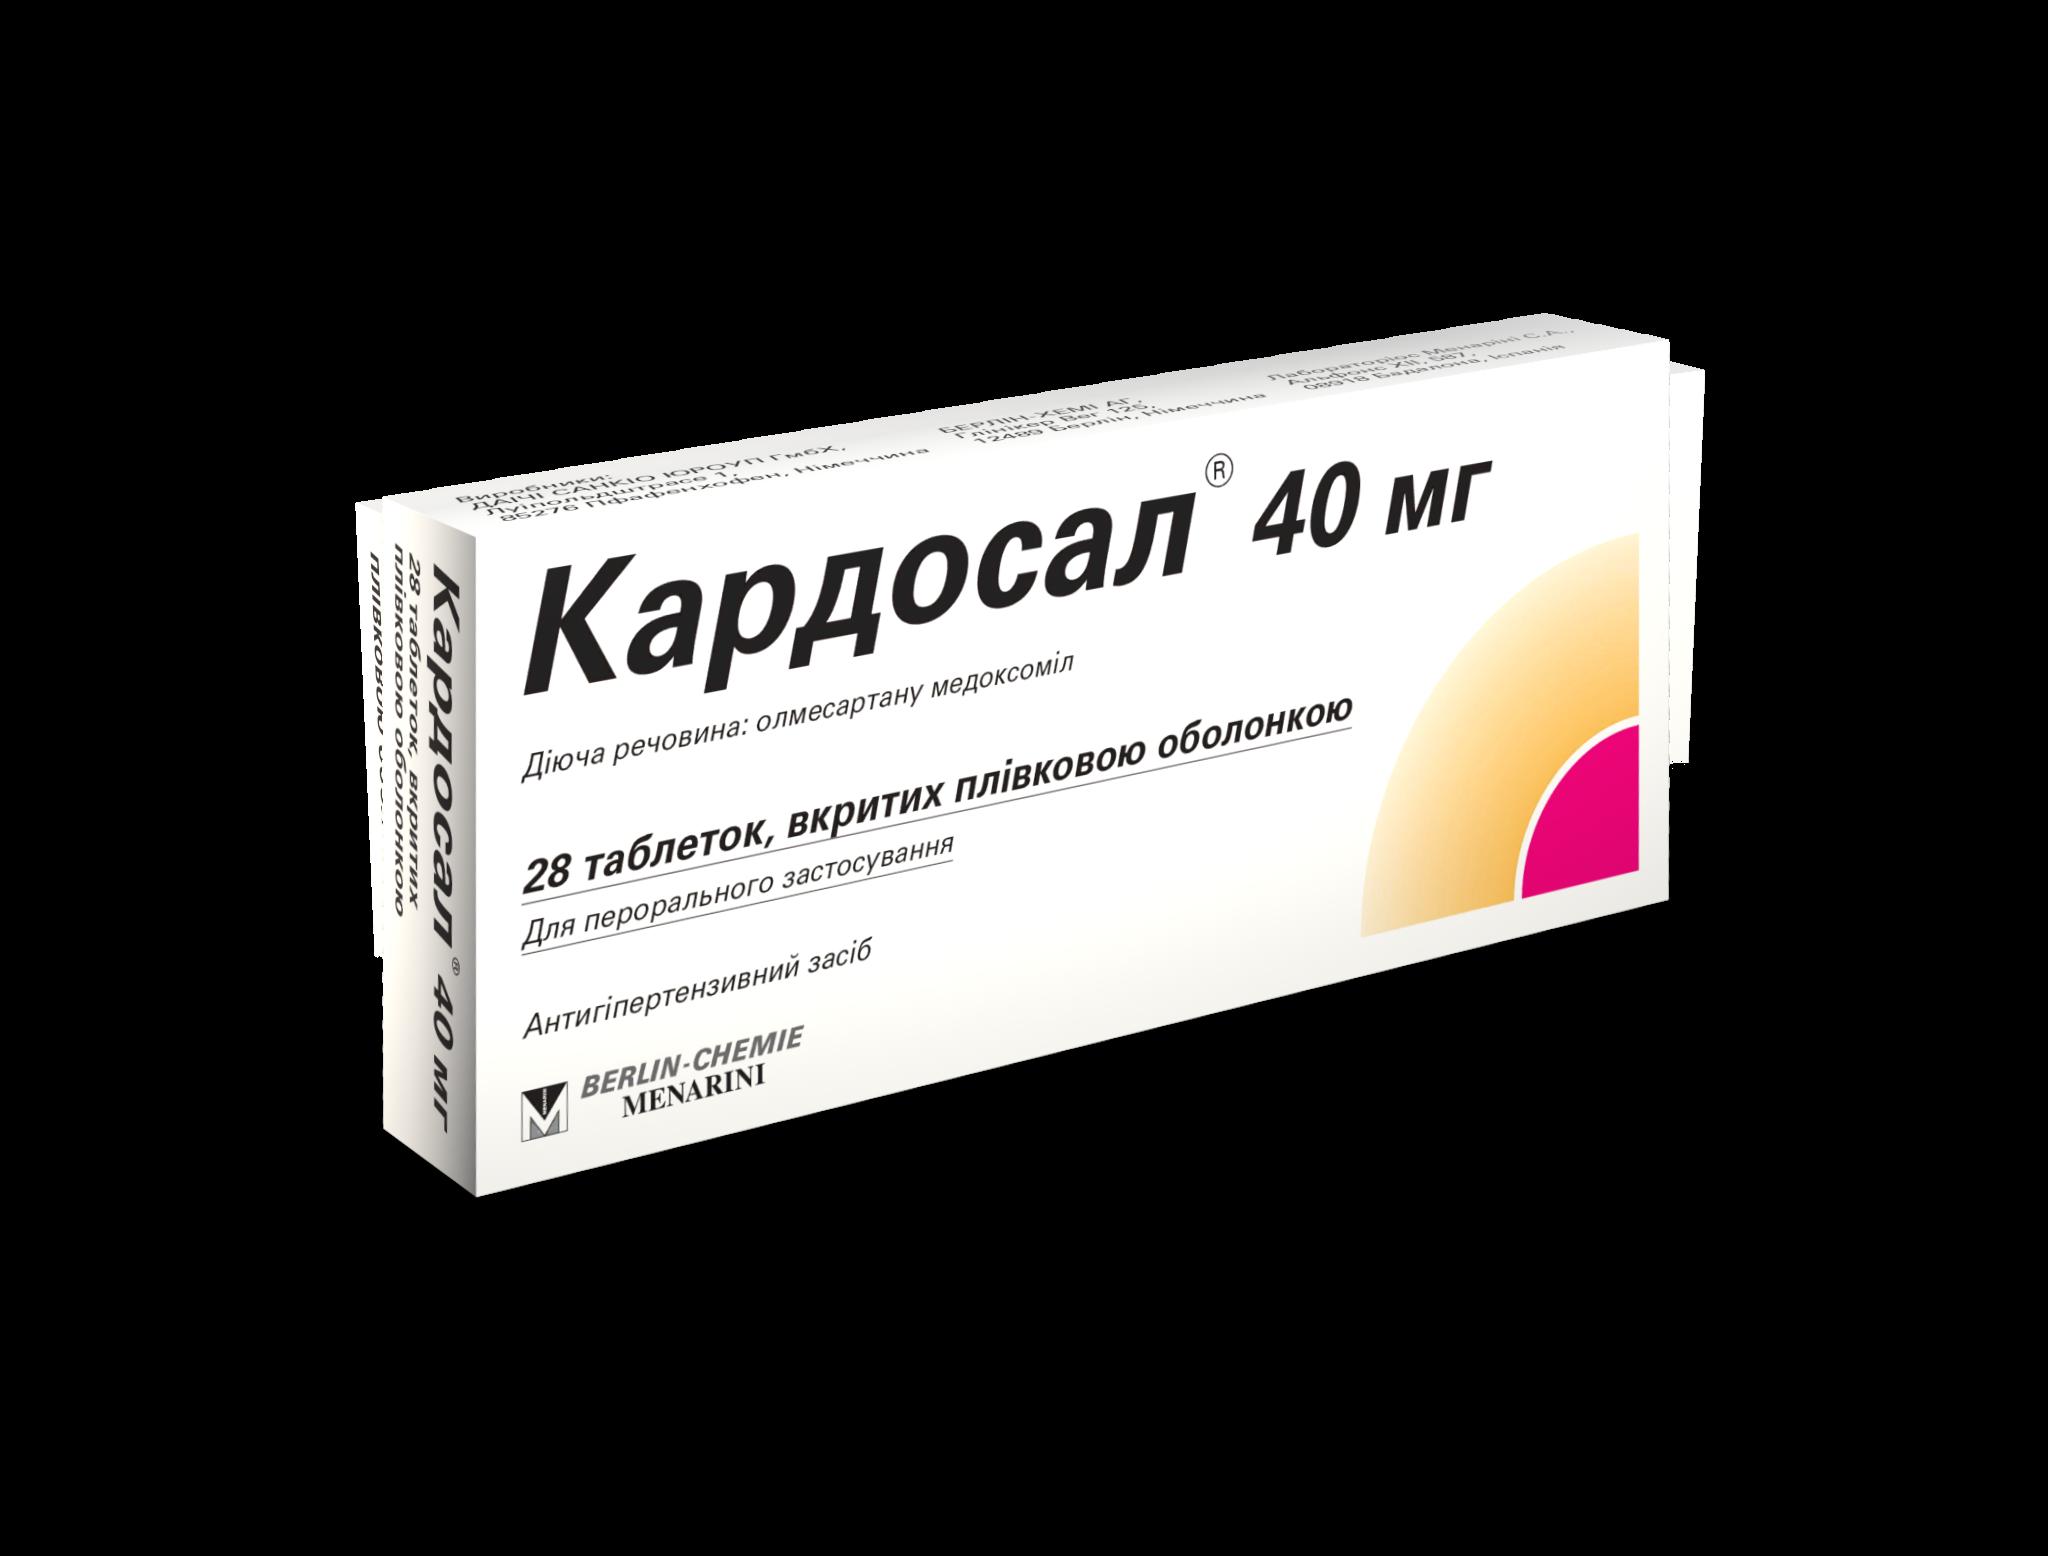 Кардосал 40 мг №28 таблетки_600612e2c81a9.png